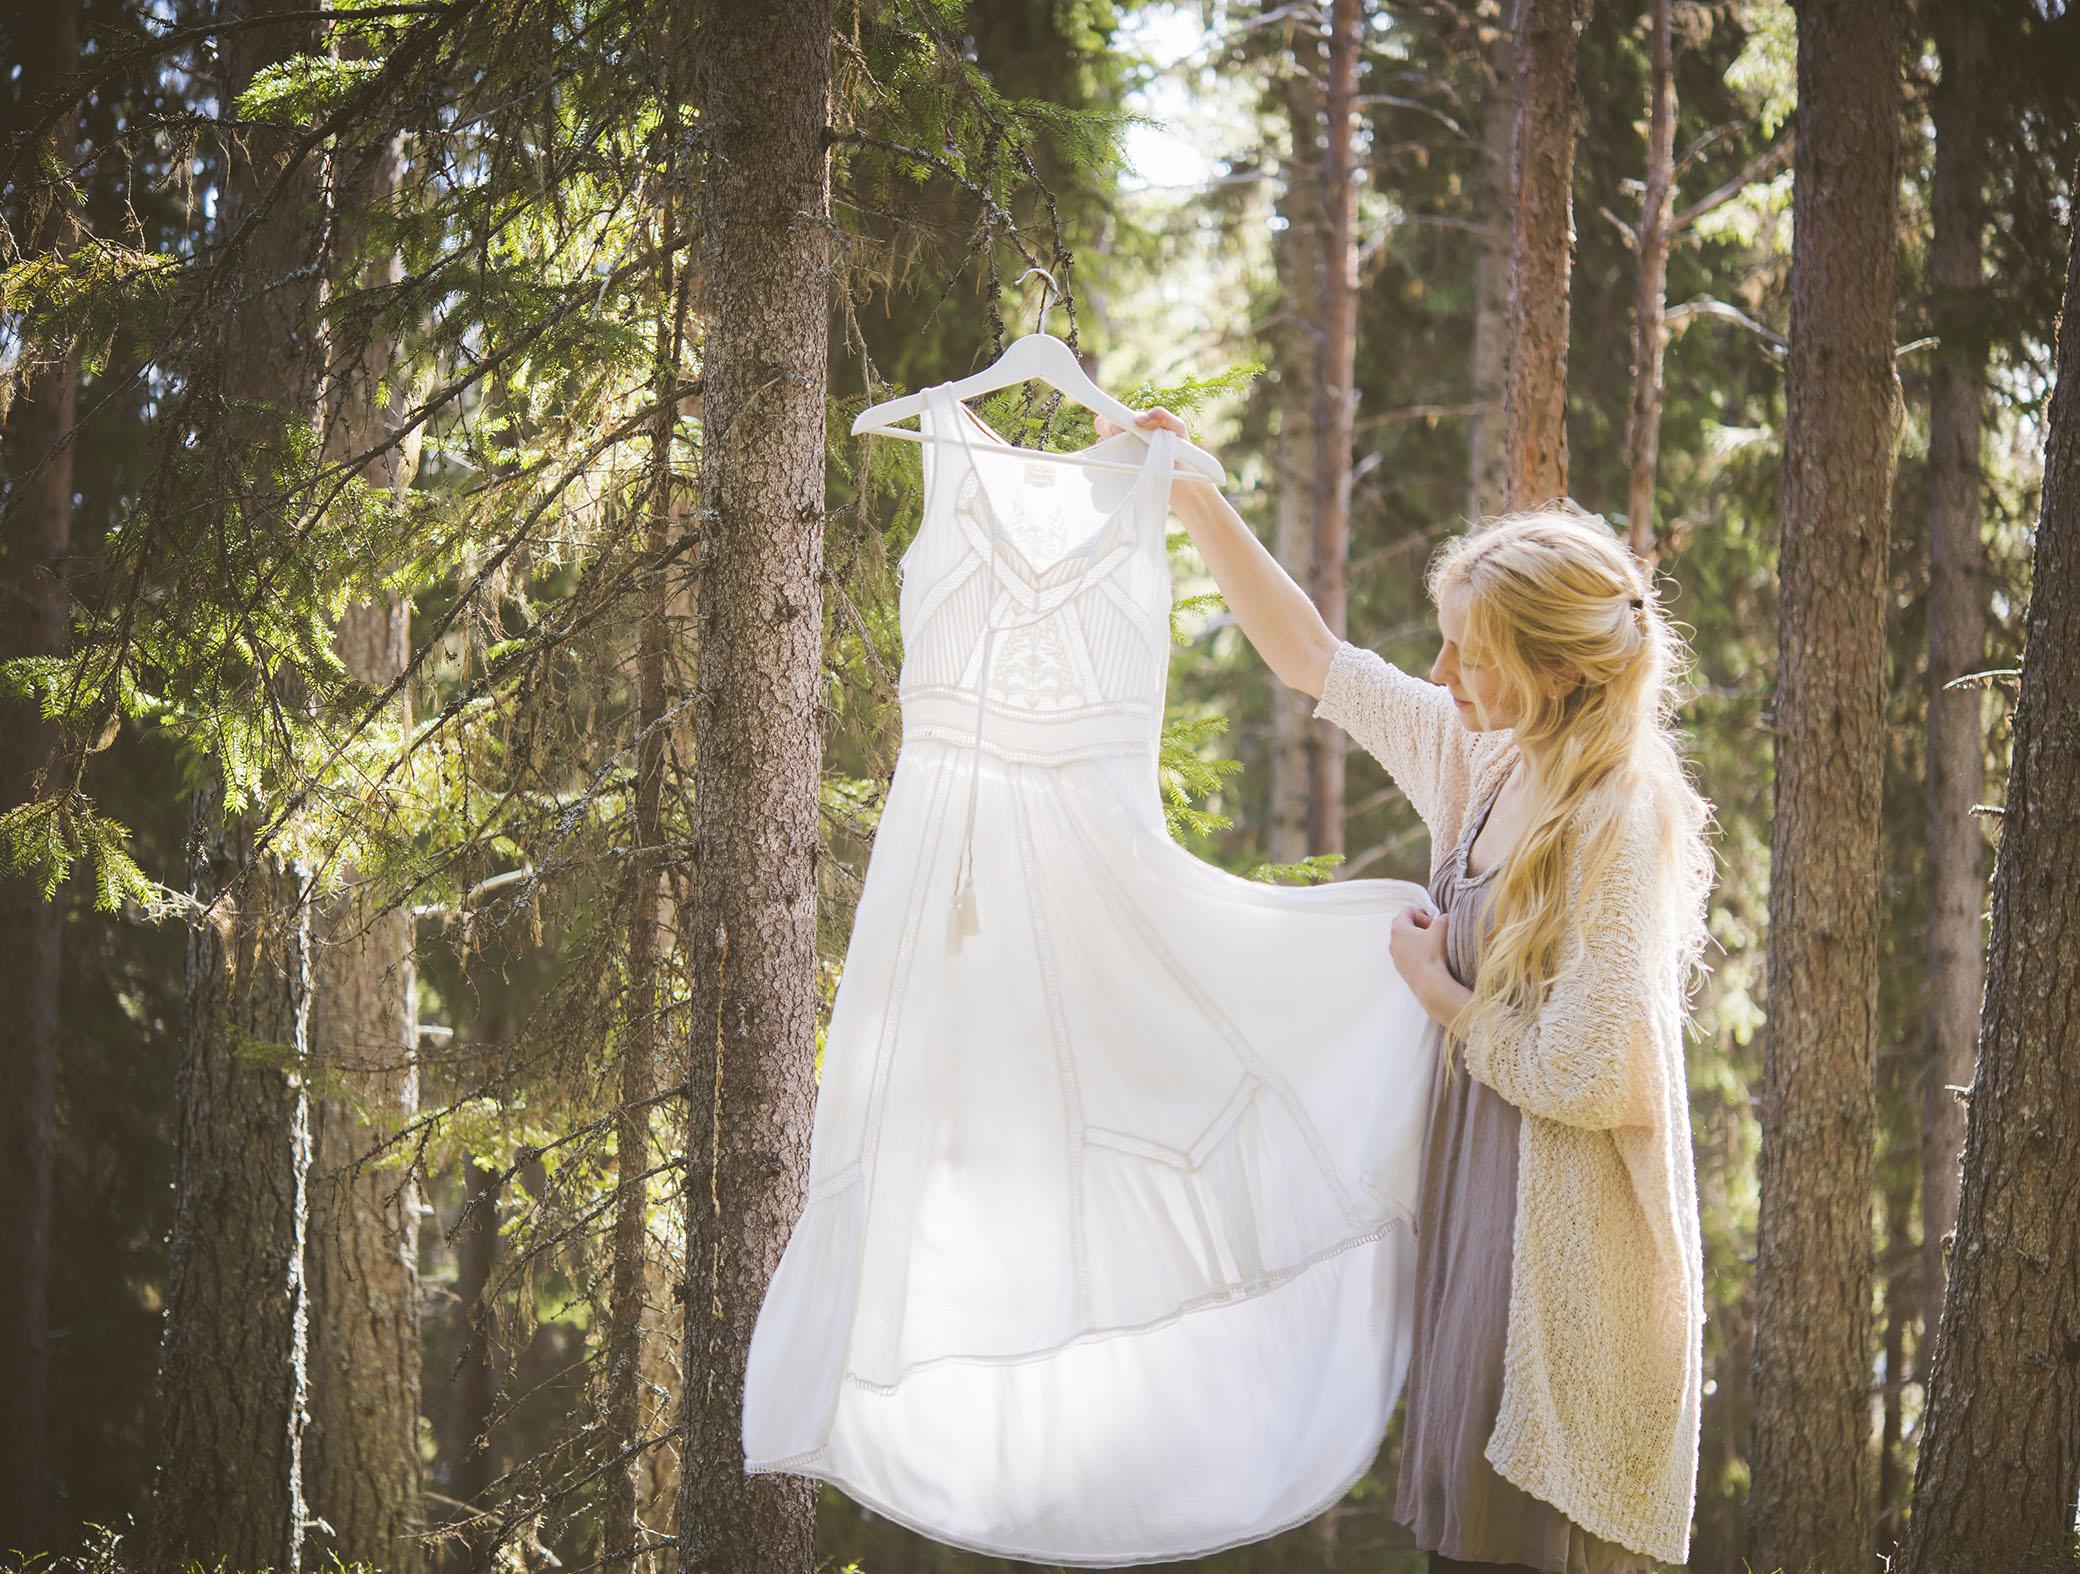 249a7b4c1b5b Klänningen som jag ska ha på mig på galan är en vit, lång klänning som jag  har haft på mig oändligt många gånger när jag varit ute i skogarna.